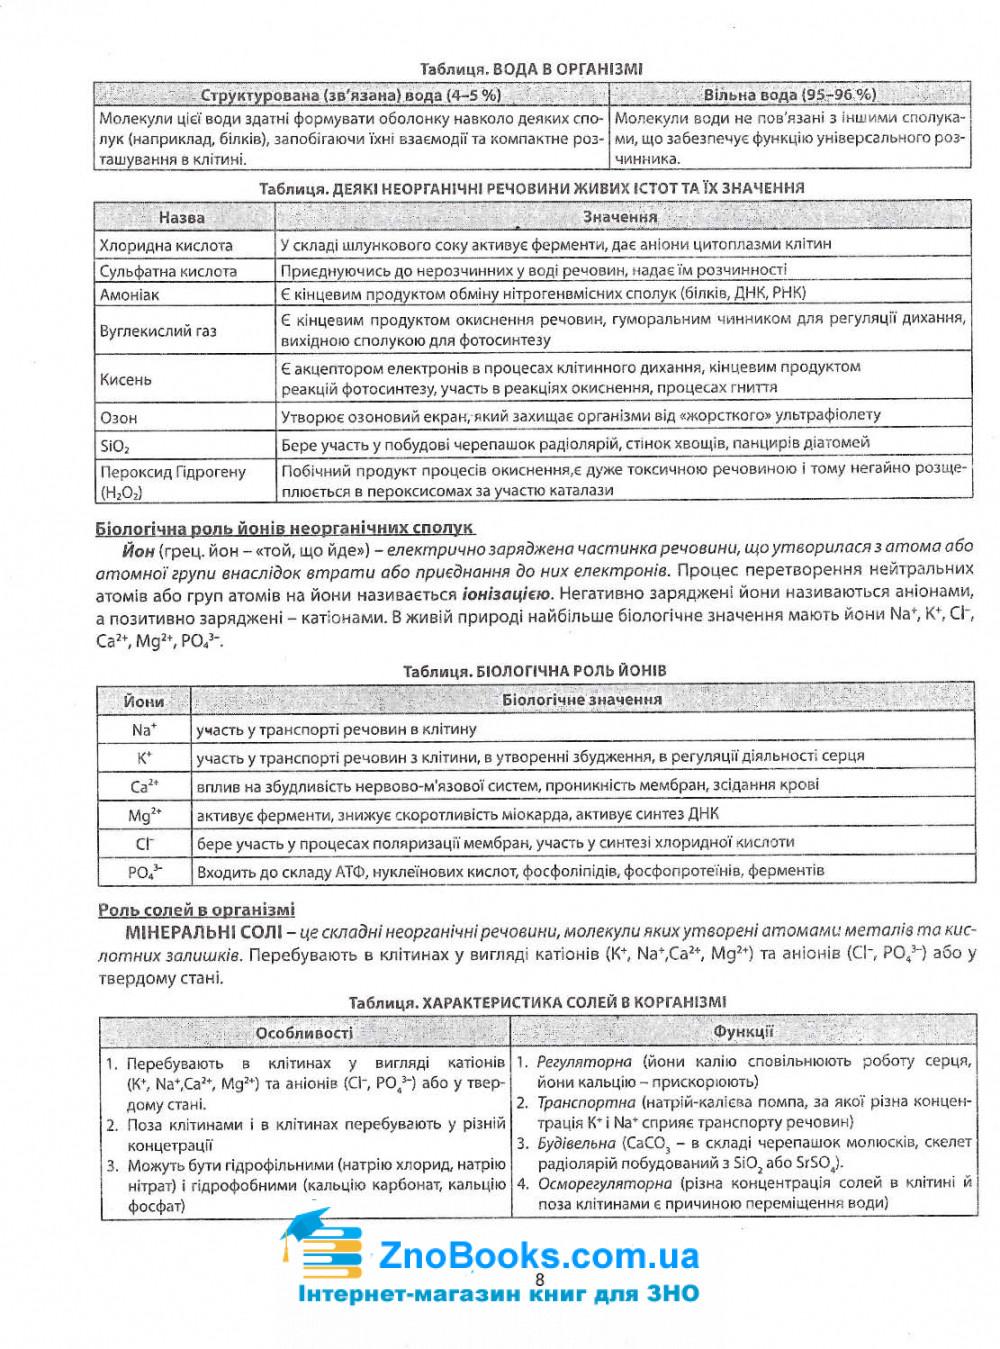 Соболь В. Репетитор з біології до ЗНО 2021 : видавництво Абетка. купити 8